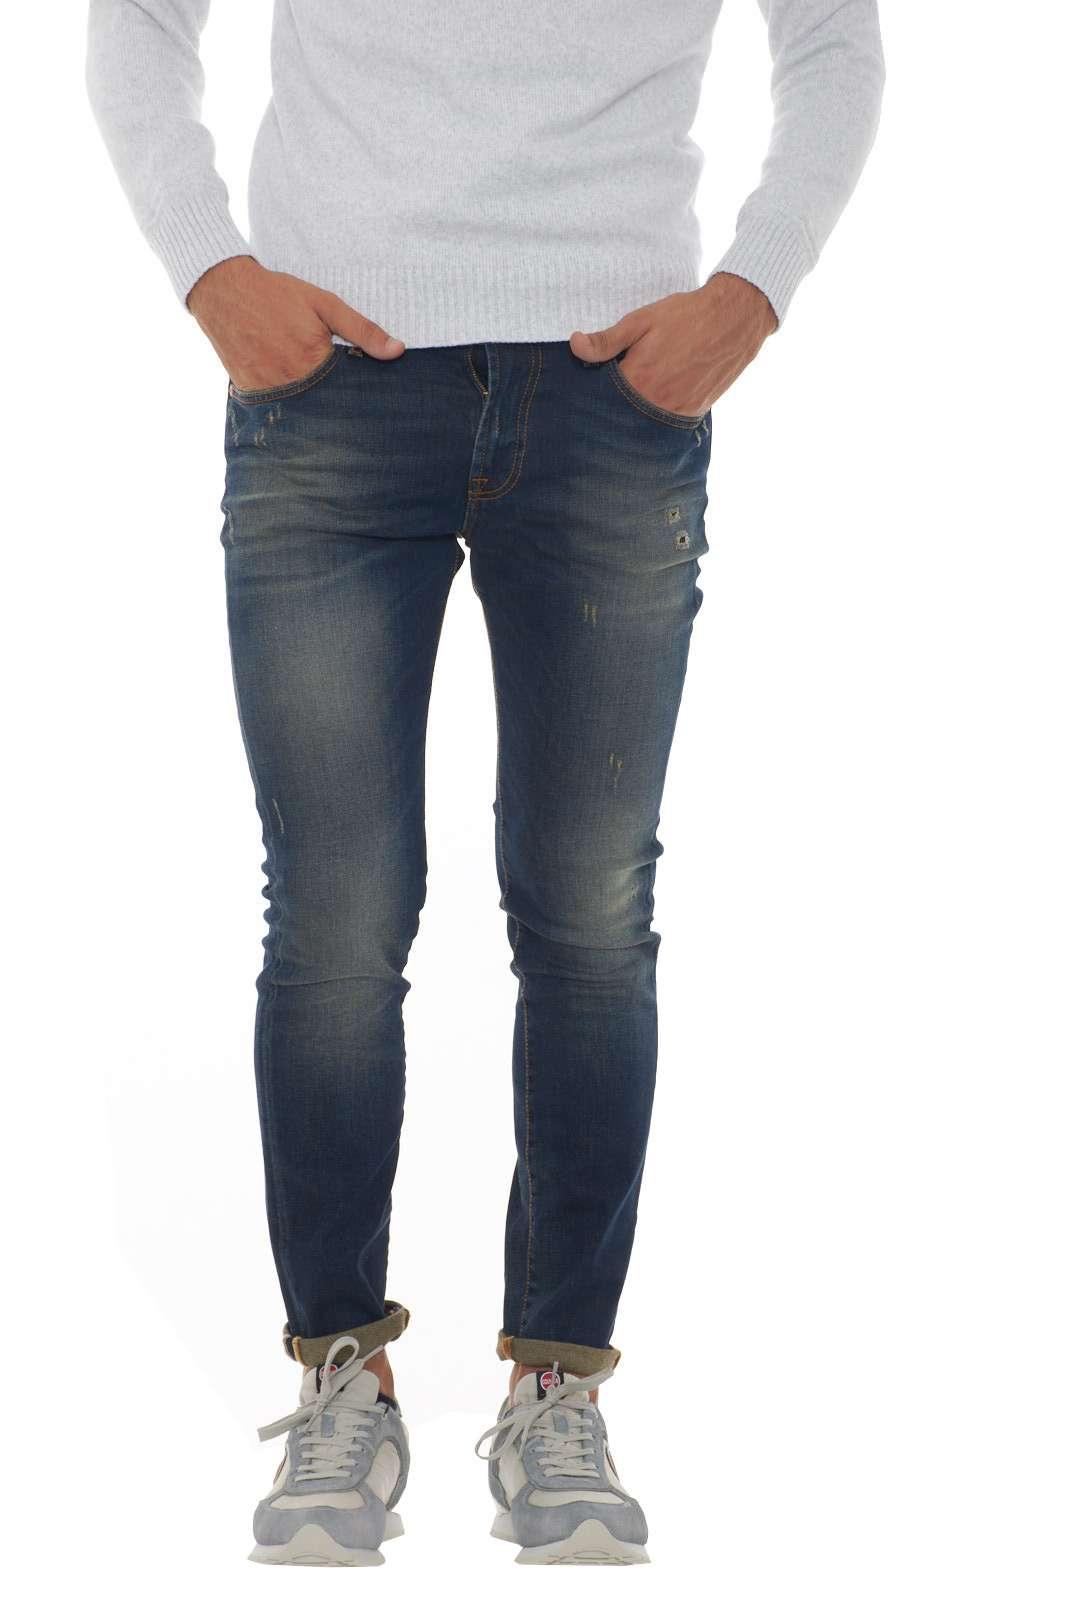 Scopri il nuovo modello Vega proposto dalla collezione Roy Rogers. Una vestibilità skinny impreziosita da cuciture in contrasto e da un lavaggio dall'effetto used. Abbinalo sia a maglie che a felpe per variare ogni look. Il modello è alto 1.90m e indossa la taglia 34.